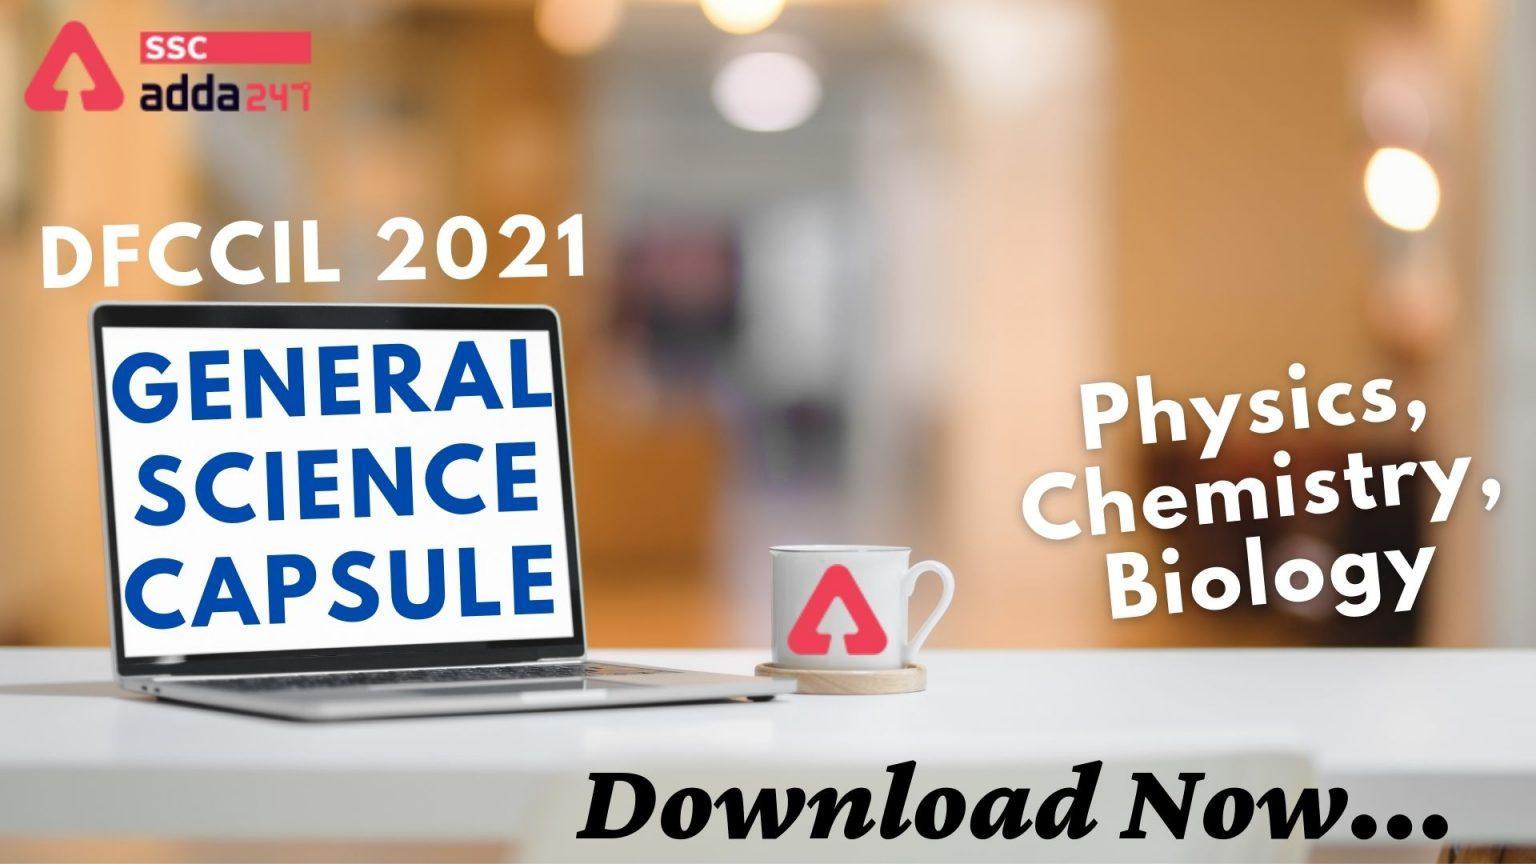 General Science Capsule for DFCCIL 2021 in Hindi : DFCCIL परीक्षा 2021 के लिए जनरल साइंस कैप्सूल PDF यहाँ से करें डाउनलोड_40.1